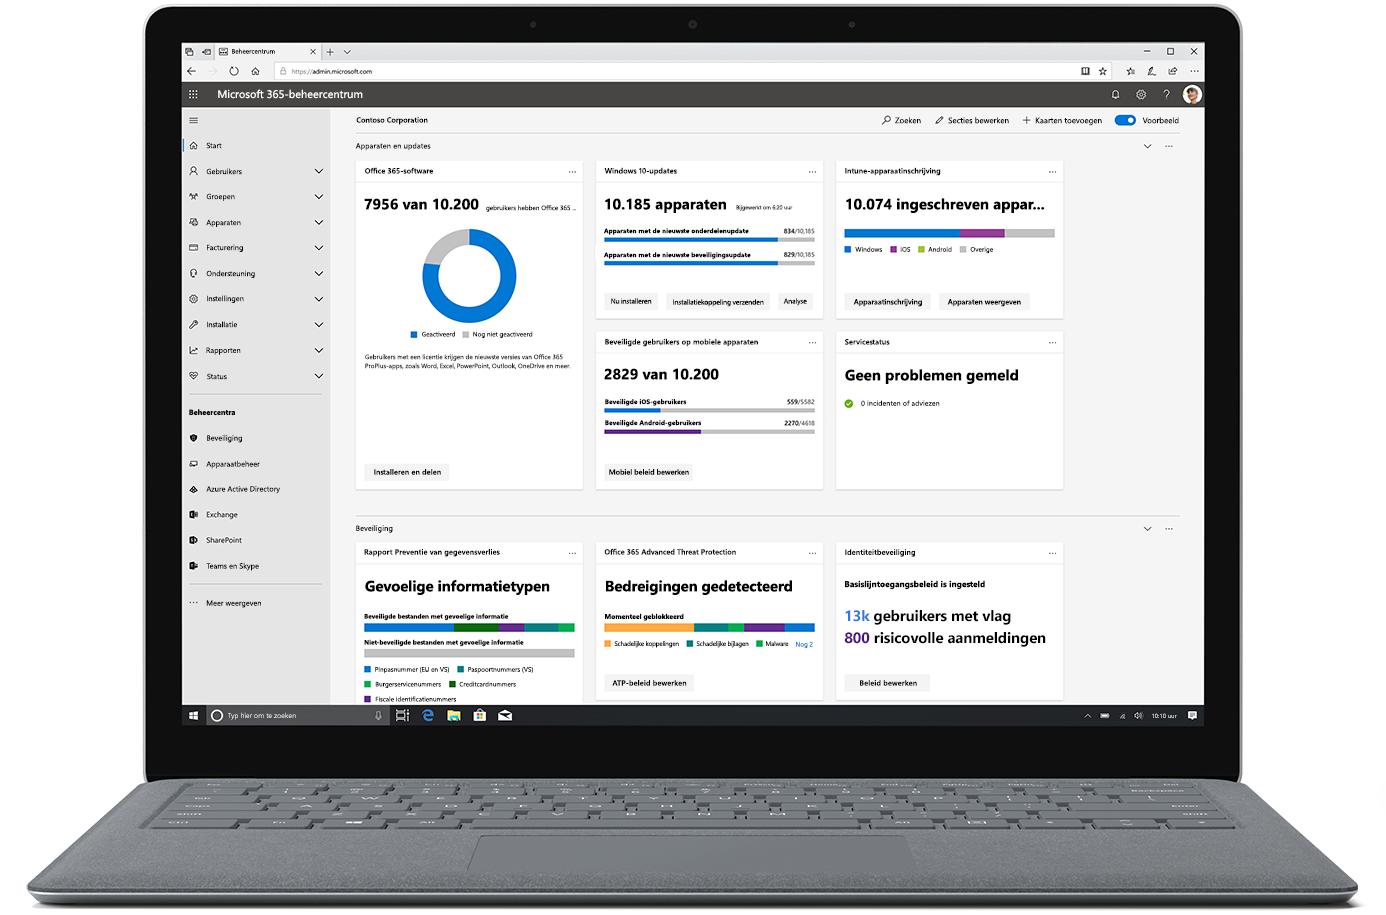 Afbeelding van het Microsoft 365-beheercentrum op een geopende laptop.